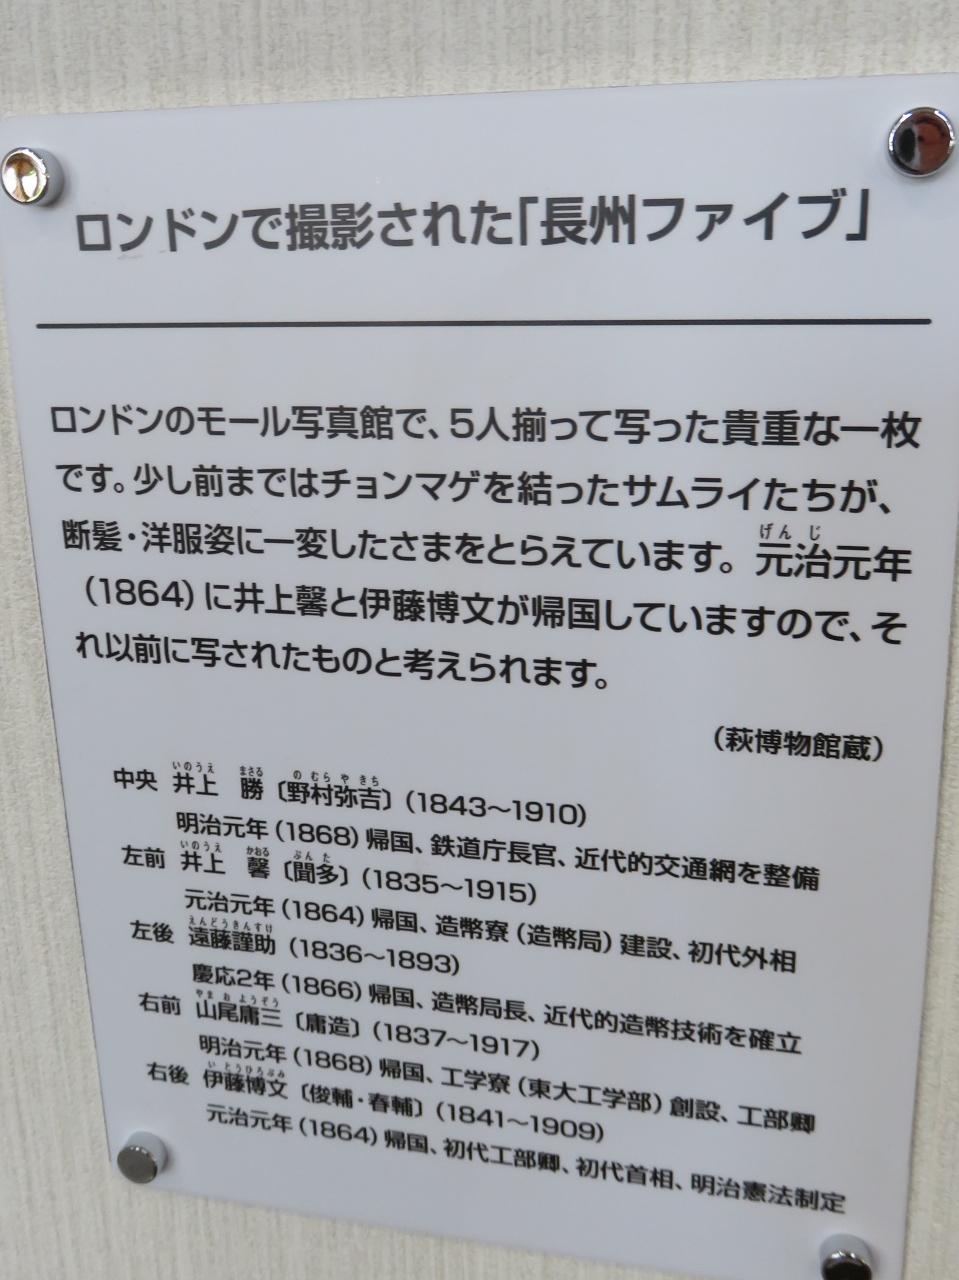 萩駅内の井上勝の展示が変更中だが。。